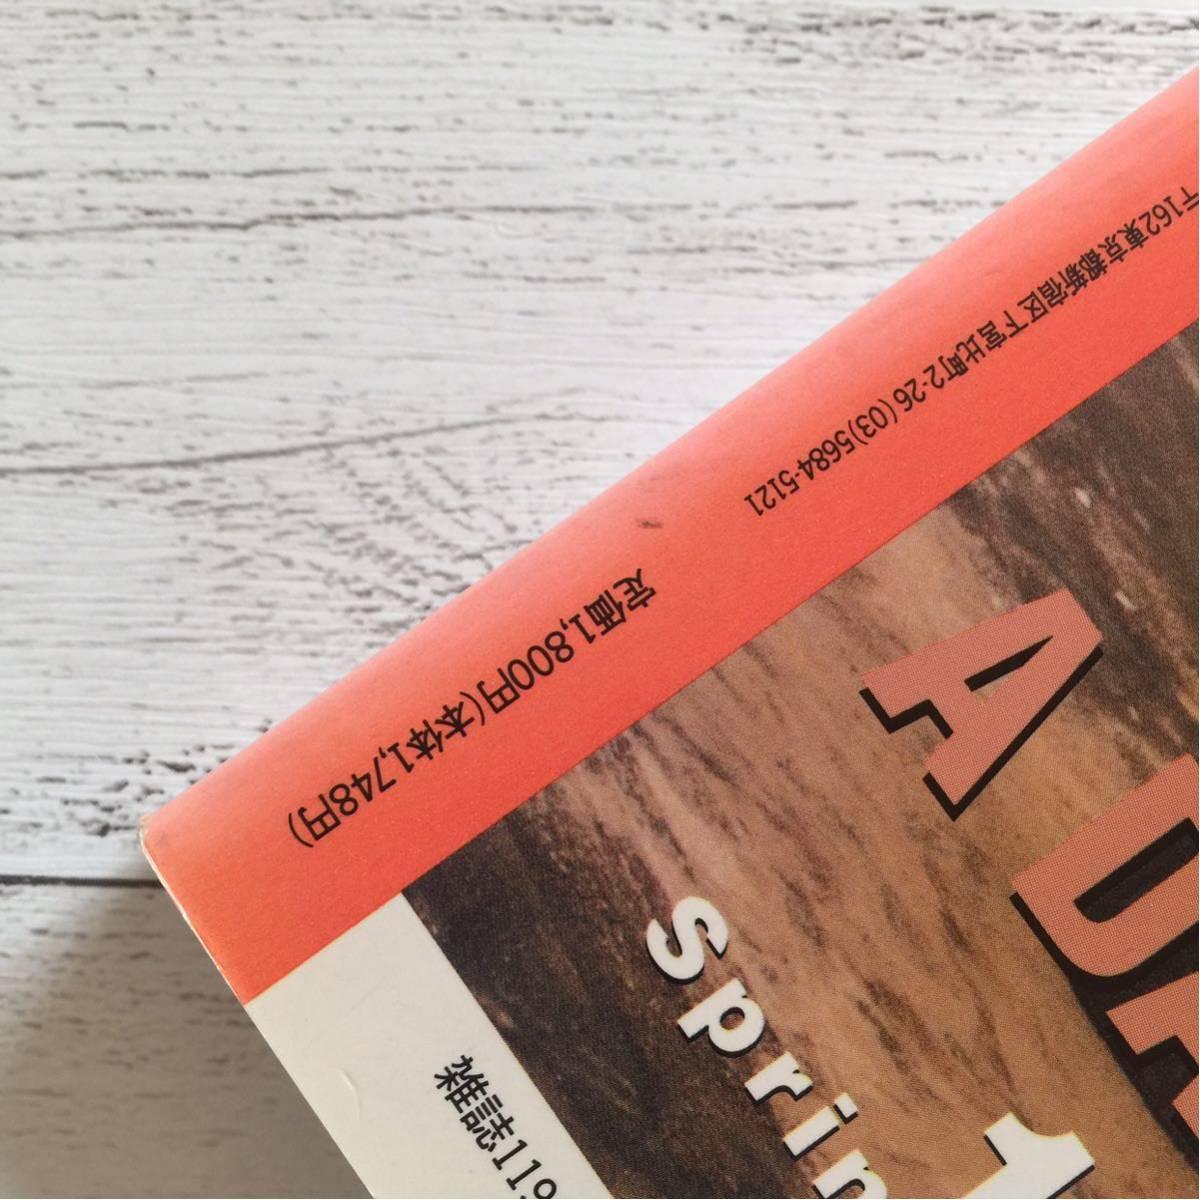 【中古】ESQUIRE エスクァイア 日本版「1960sRevolution」1991年4月 No.7 アンディ・ウォーホル 雑誌 デニスホッパー ヘルズエンジェルズ_画像4